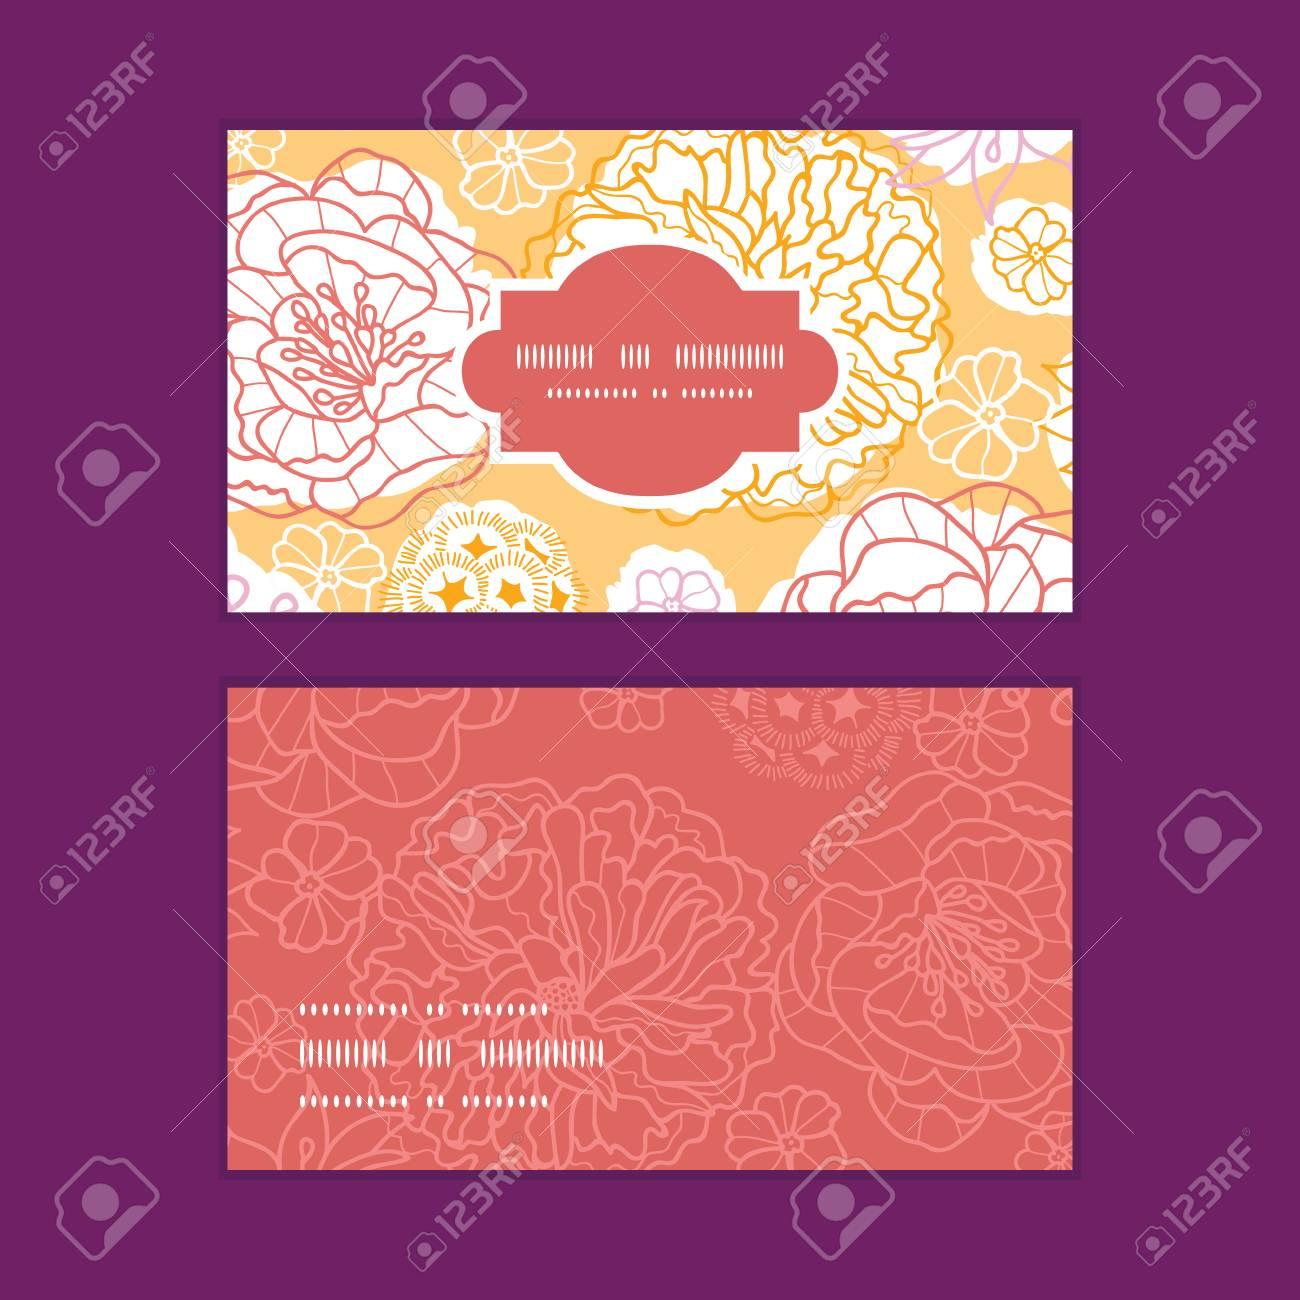 Vector Chaleureuse Jour Fleurs Cadre Horizontal Motif Cartes De